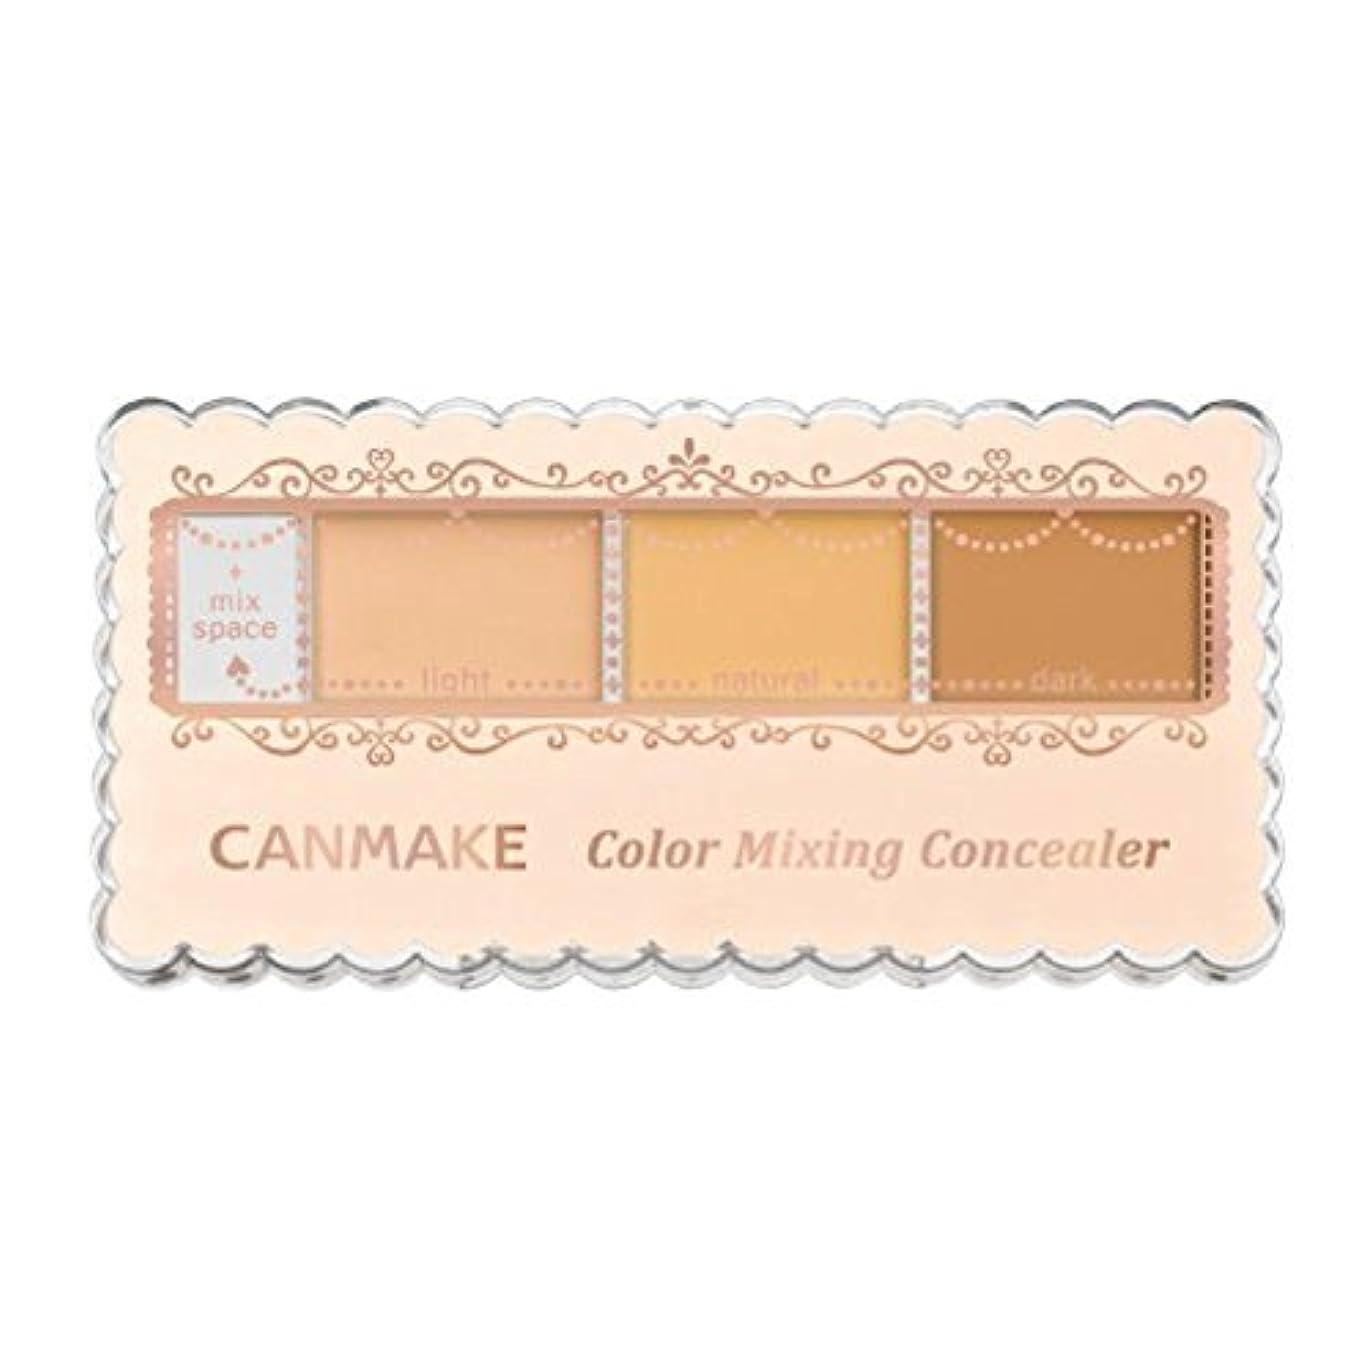 の量請願者トンネルキャンメイク カラーミキシングコンシーラー01 ライトベージュ 3.9g